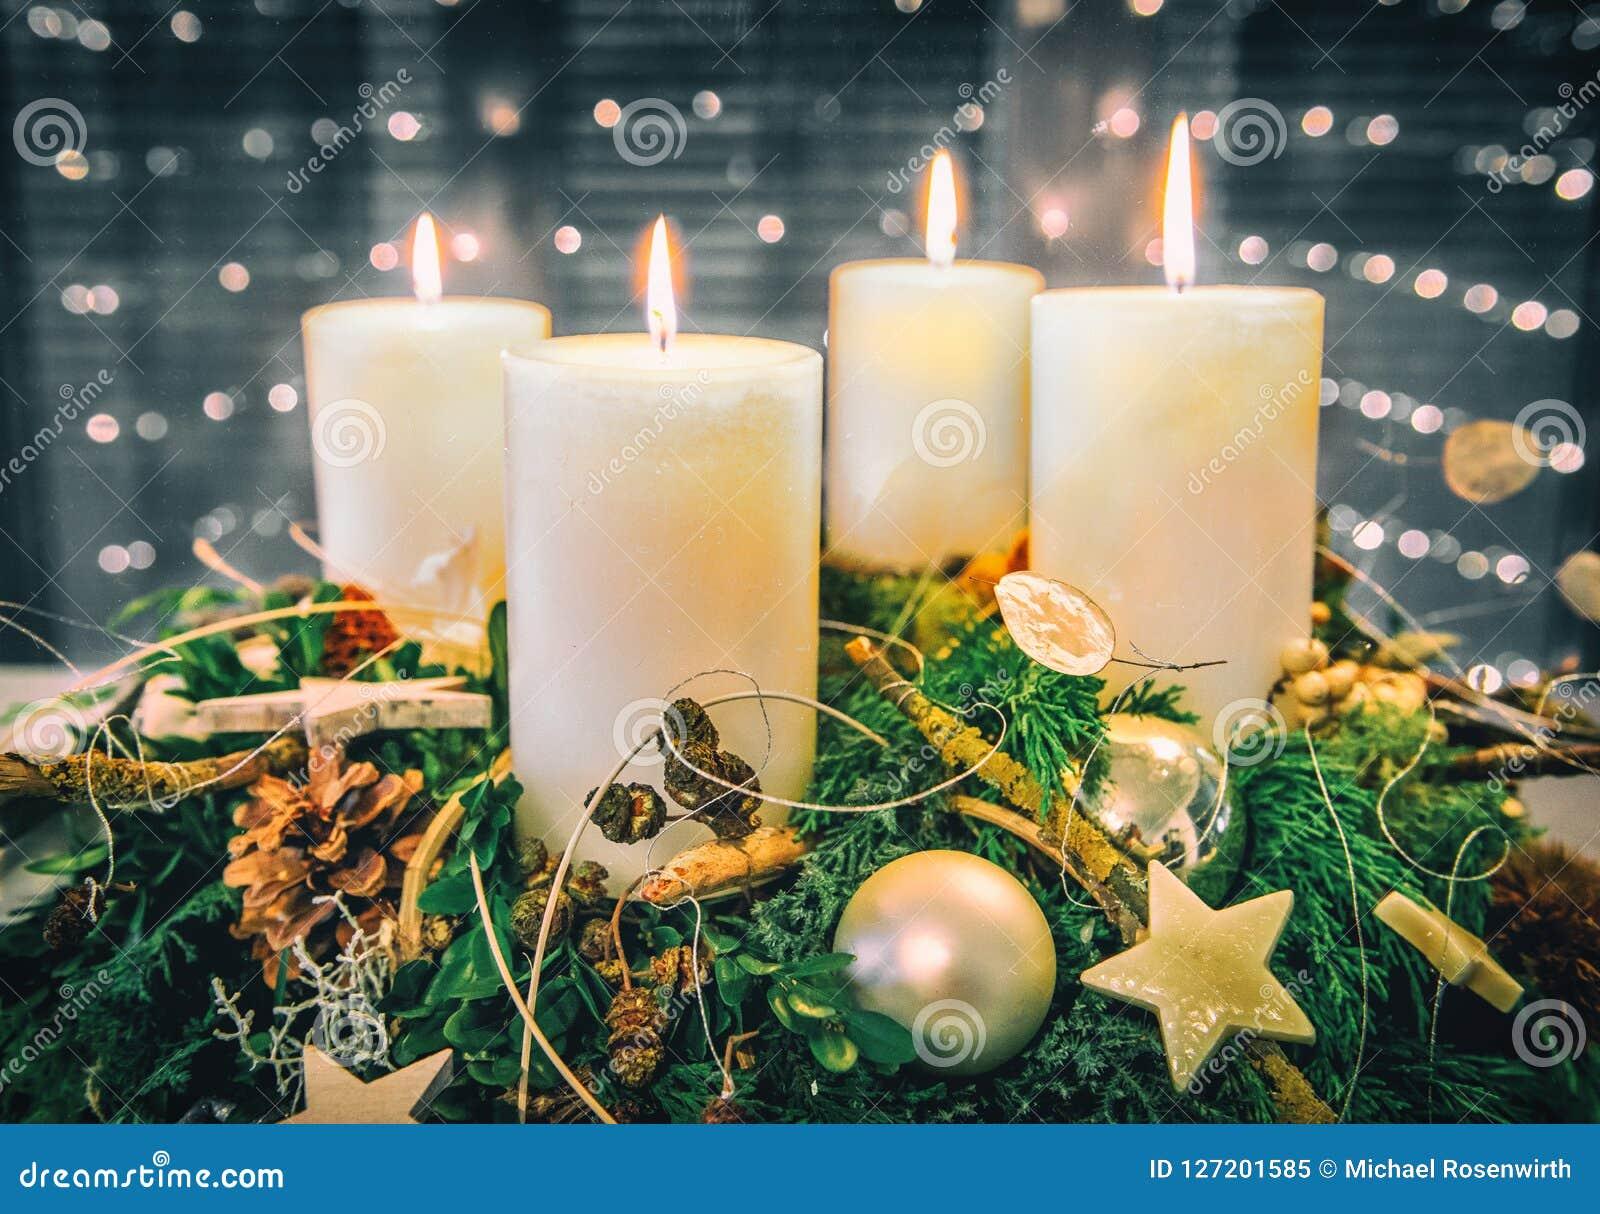 Świąteczny Adwentowy wianek z płonącymi świeczkami